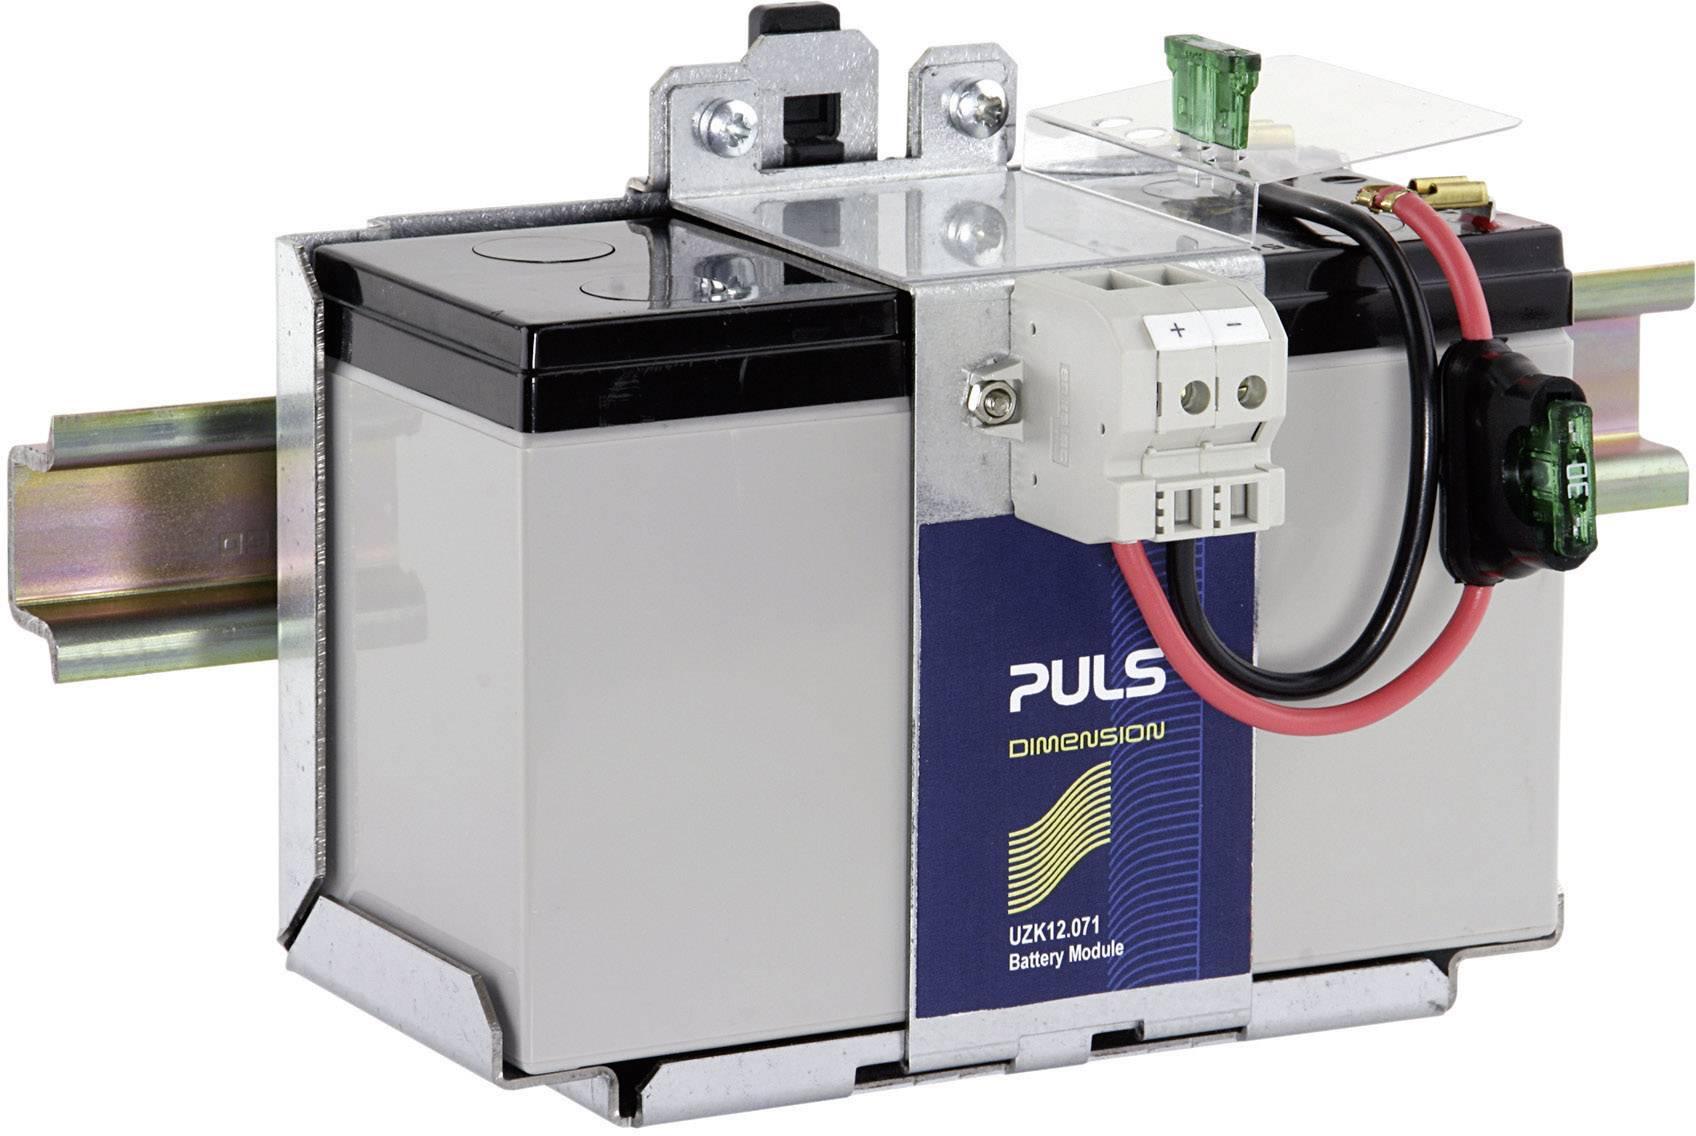 Úložisko energie PULS DIMENSION UZK12.071 UZK12.071